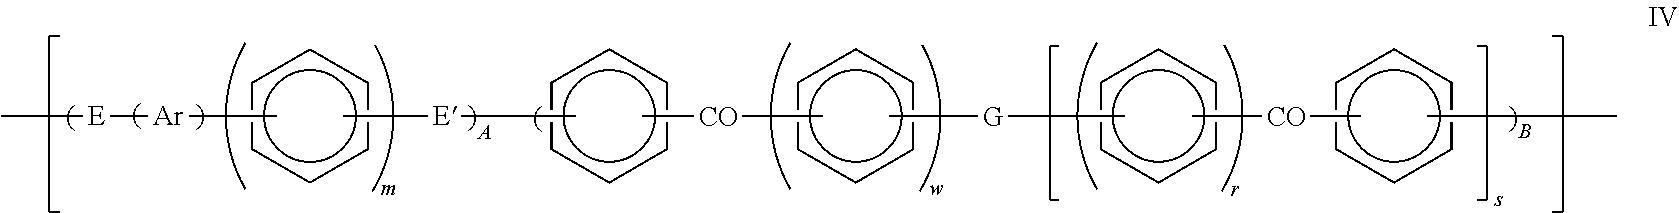 Figure US20110230590A1-20110922-C00006